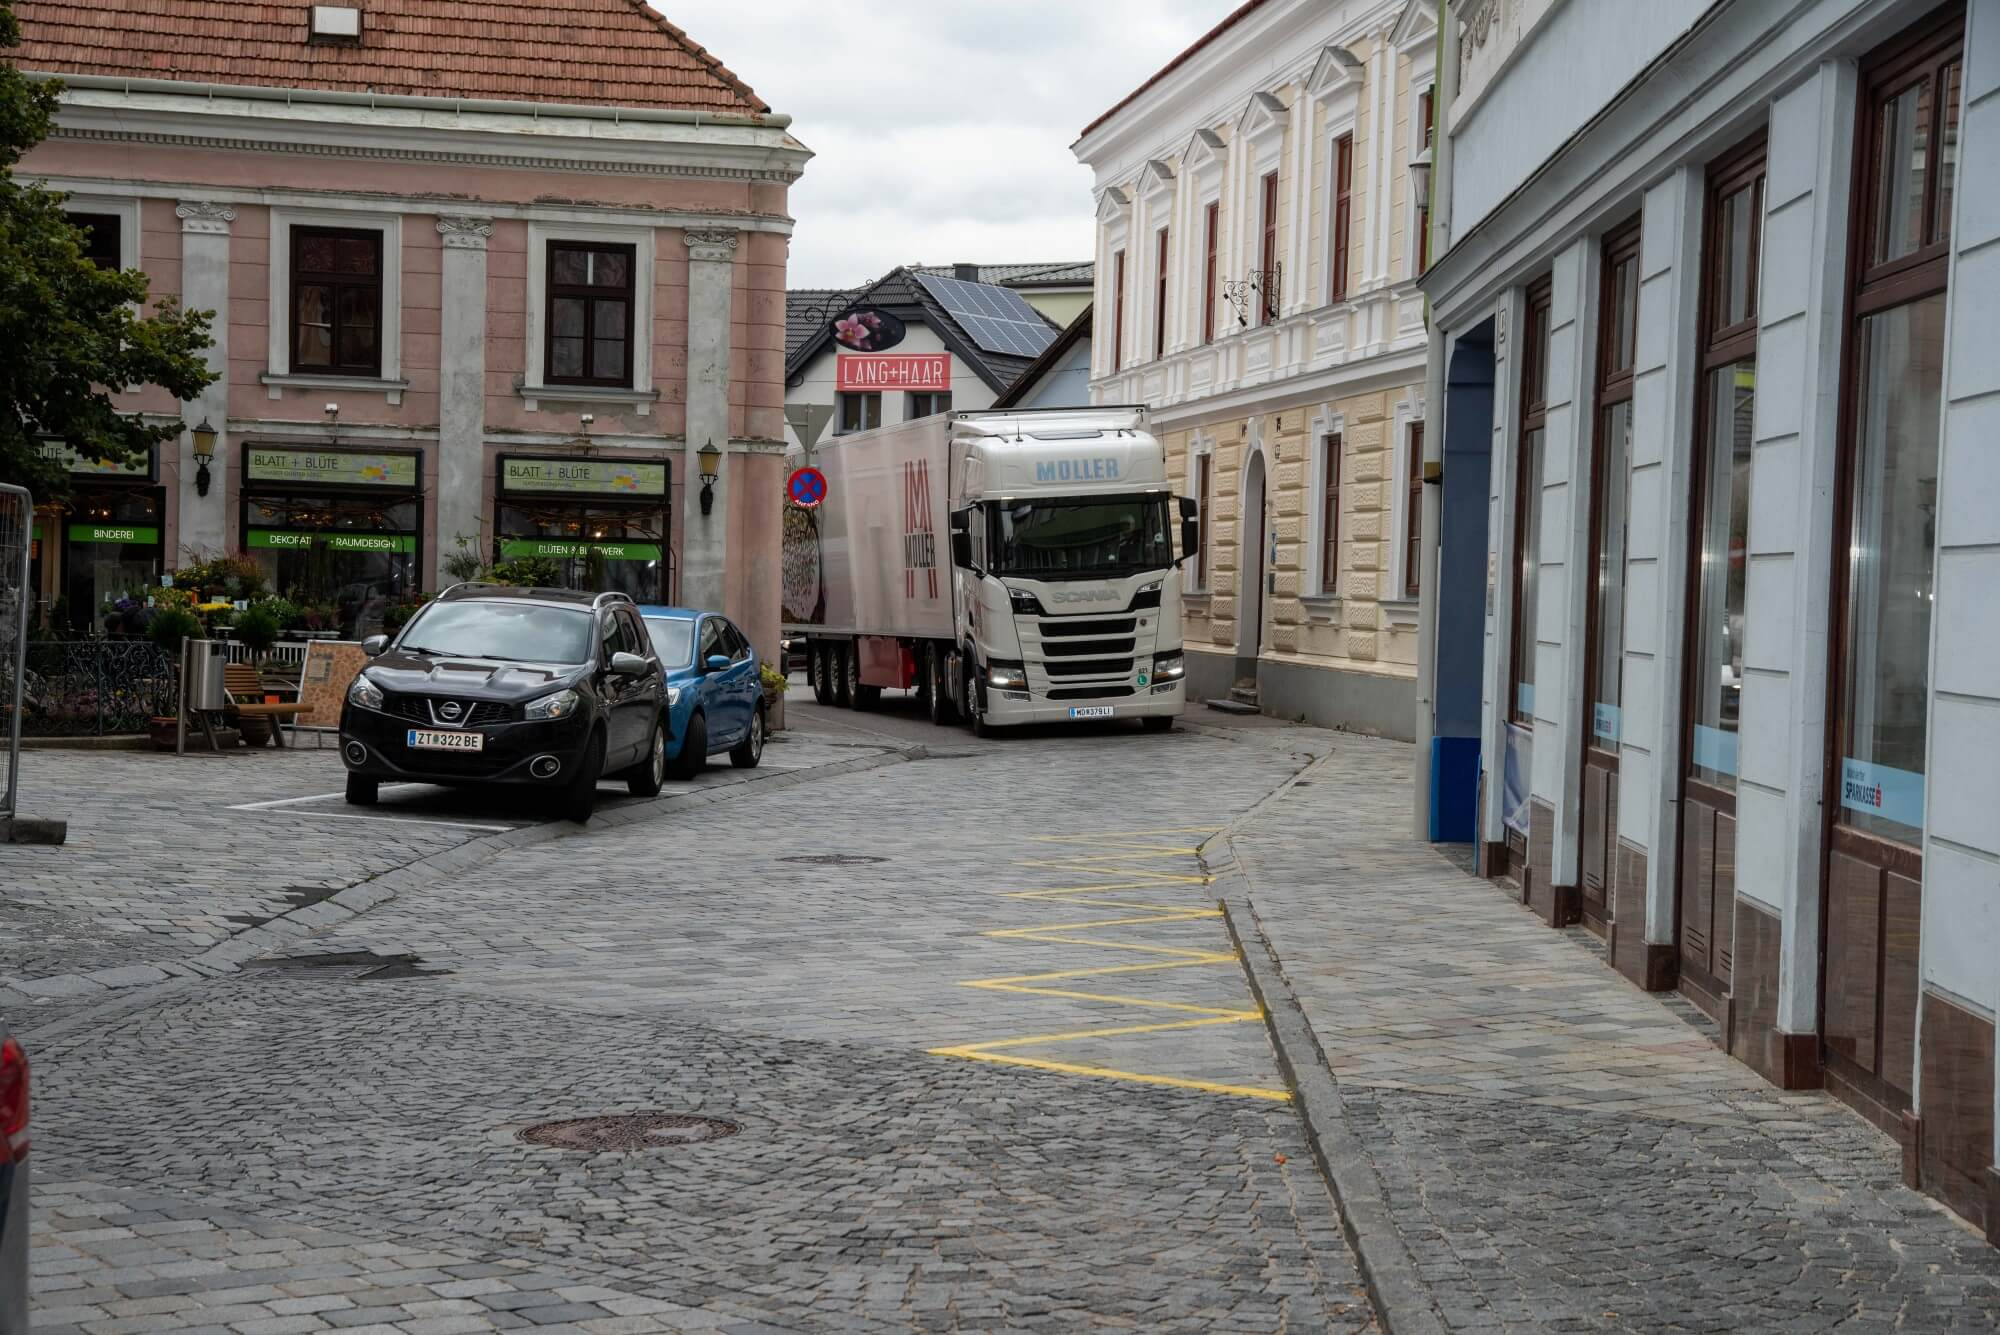 Ein bunt beklebter LKW fährt durch die Gassen von Gföhl